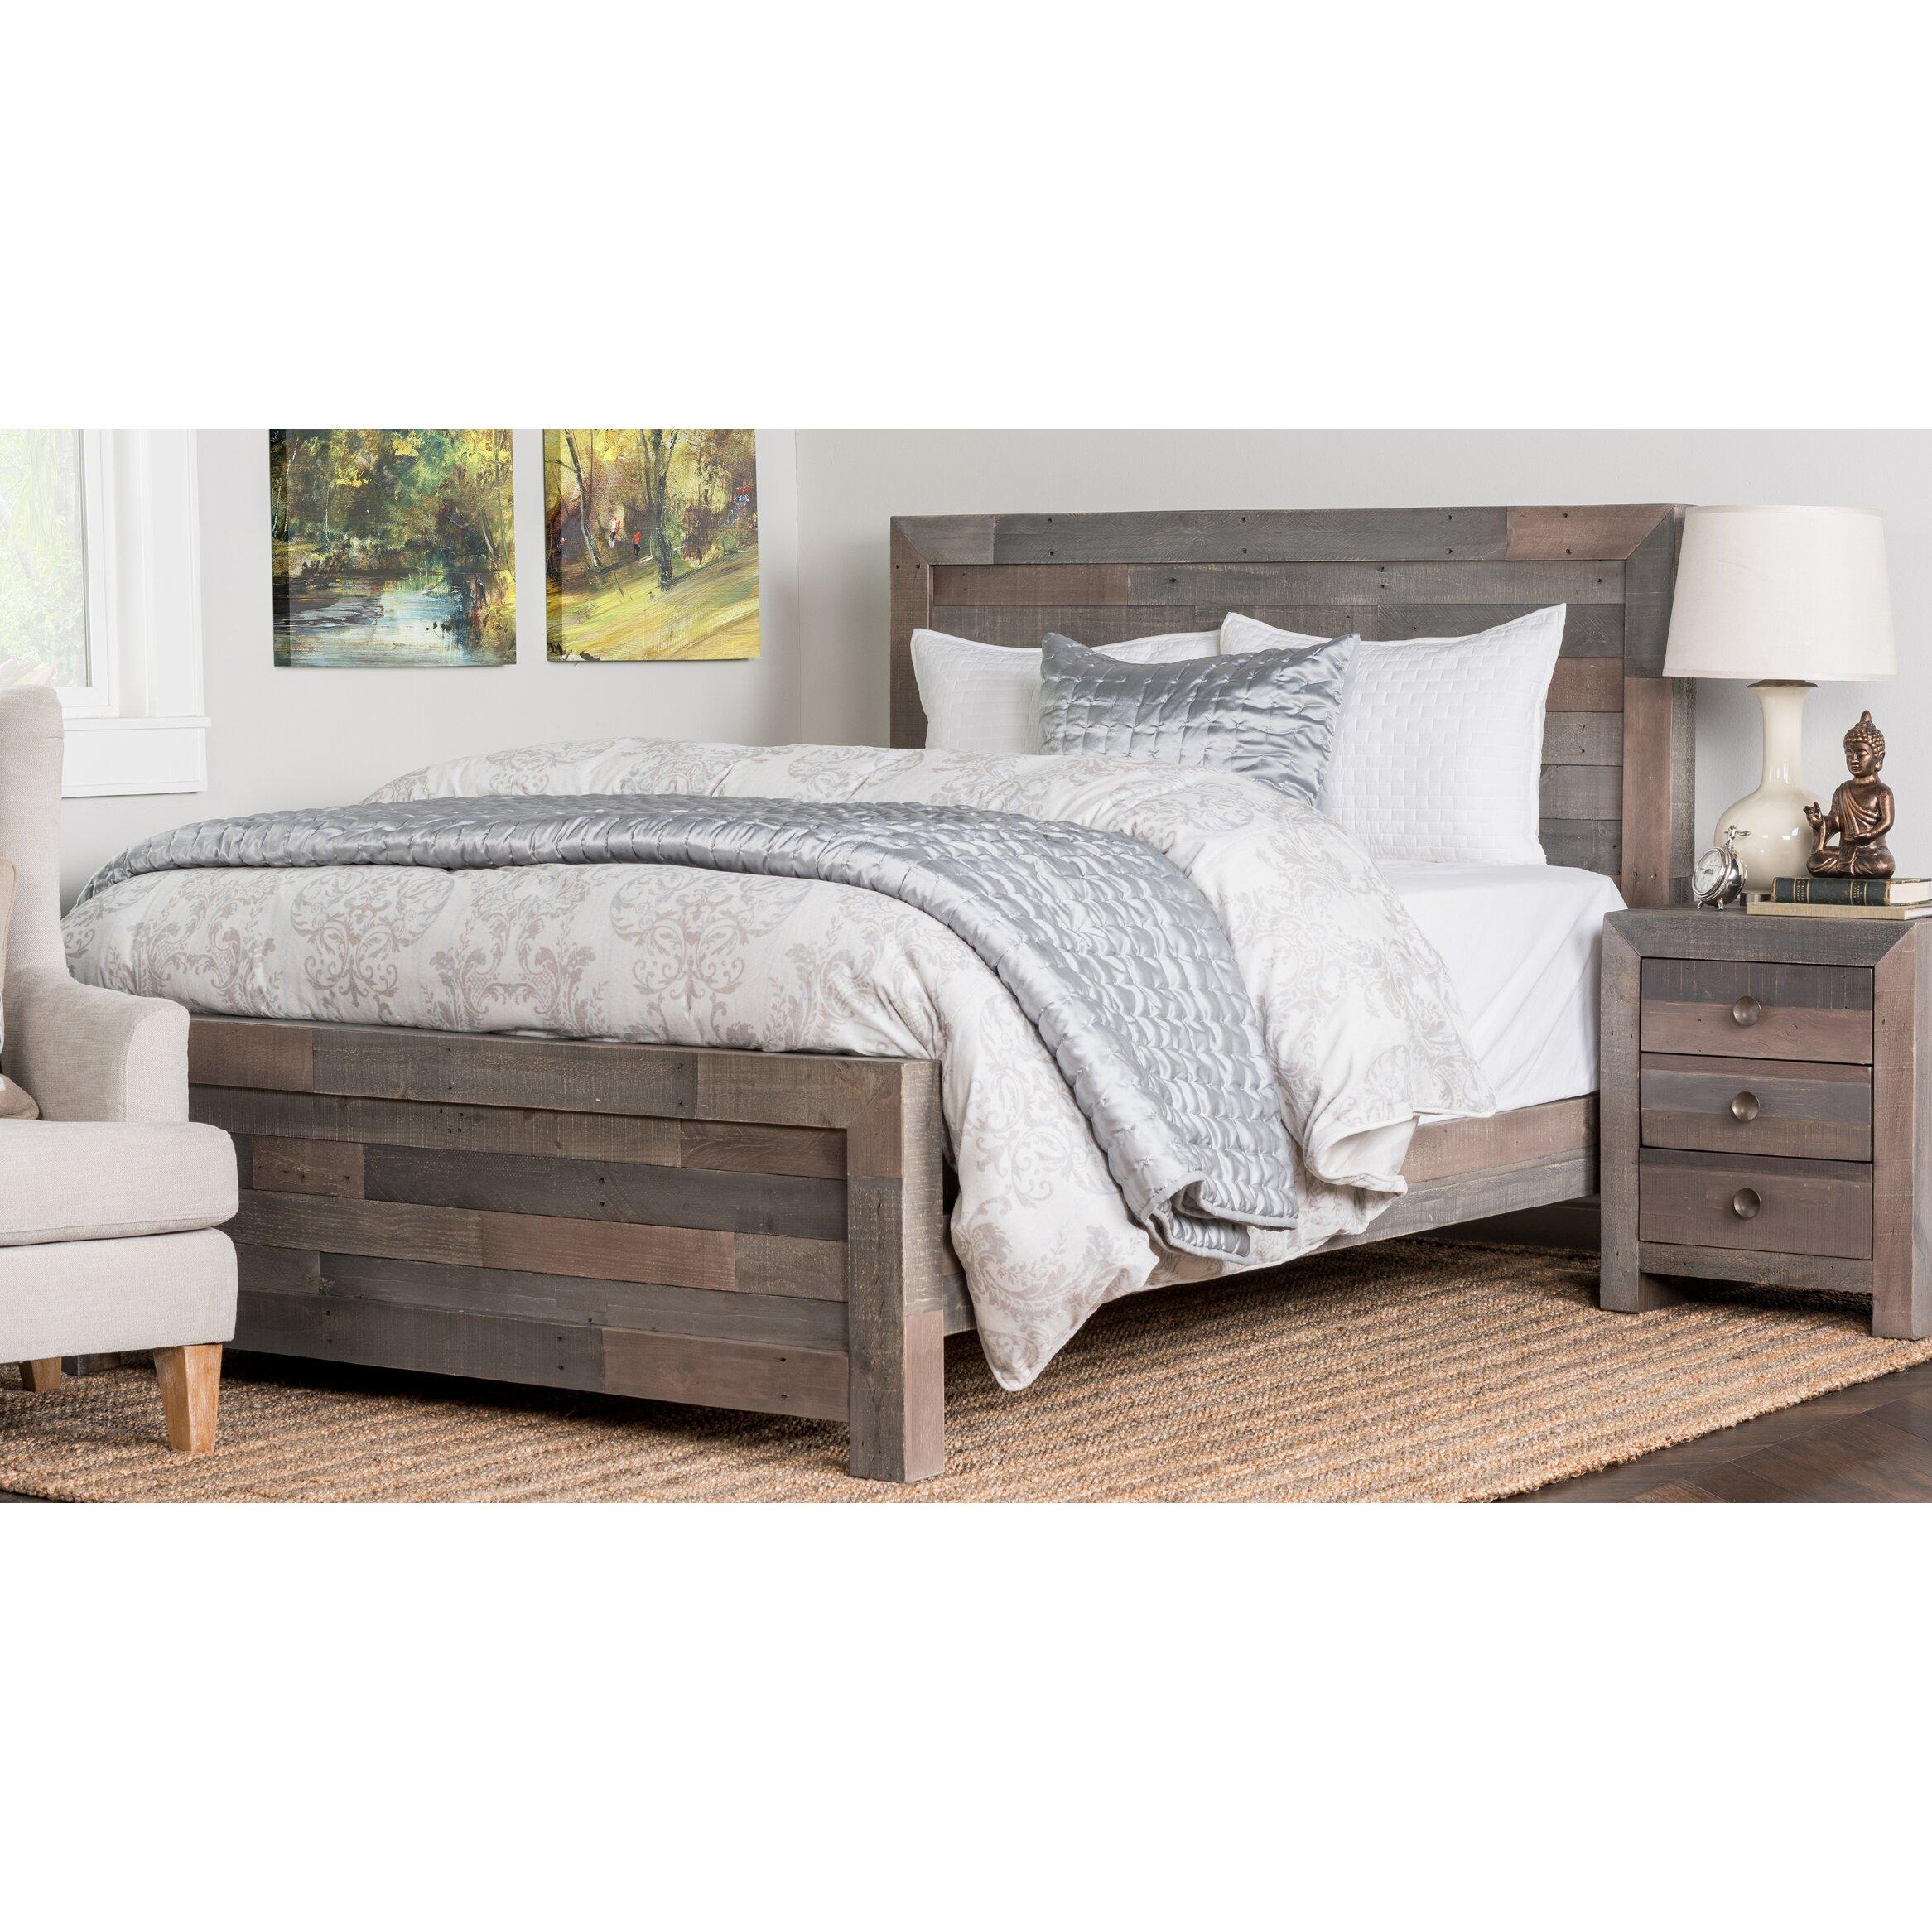 Loon Peak Panel Bed Customizable Bedroom Set & Reviews